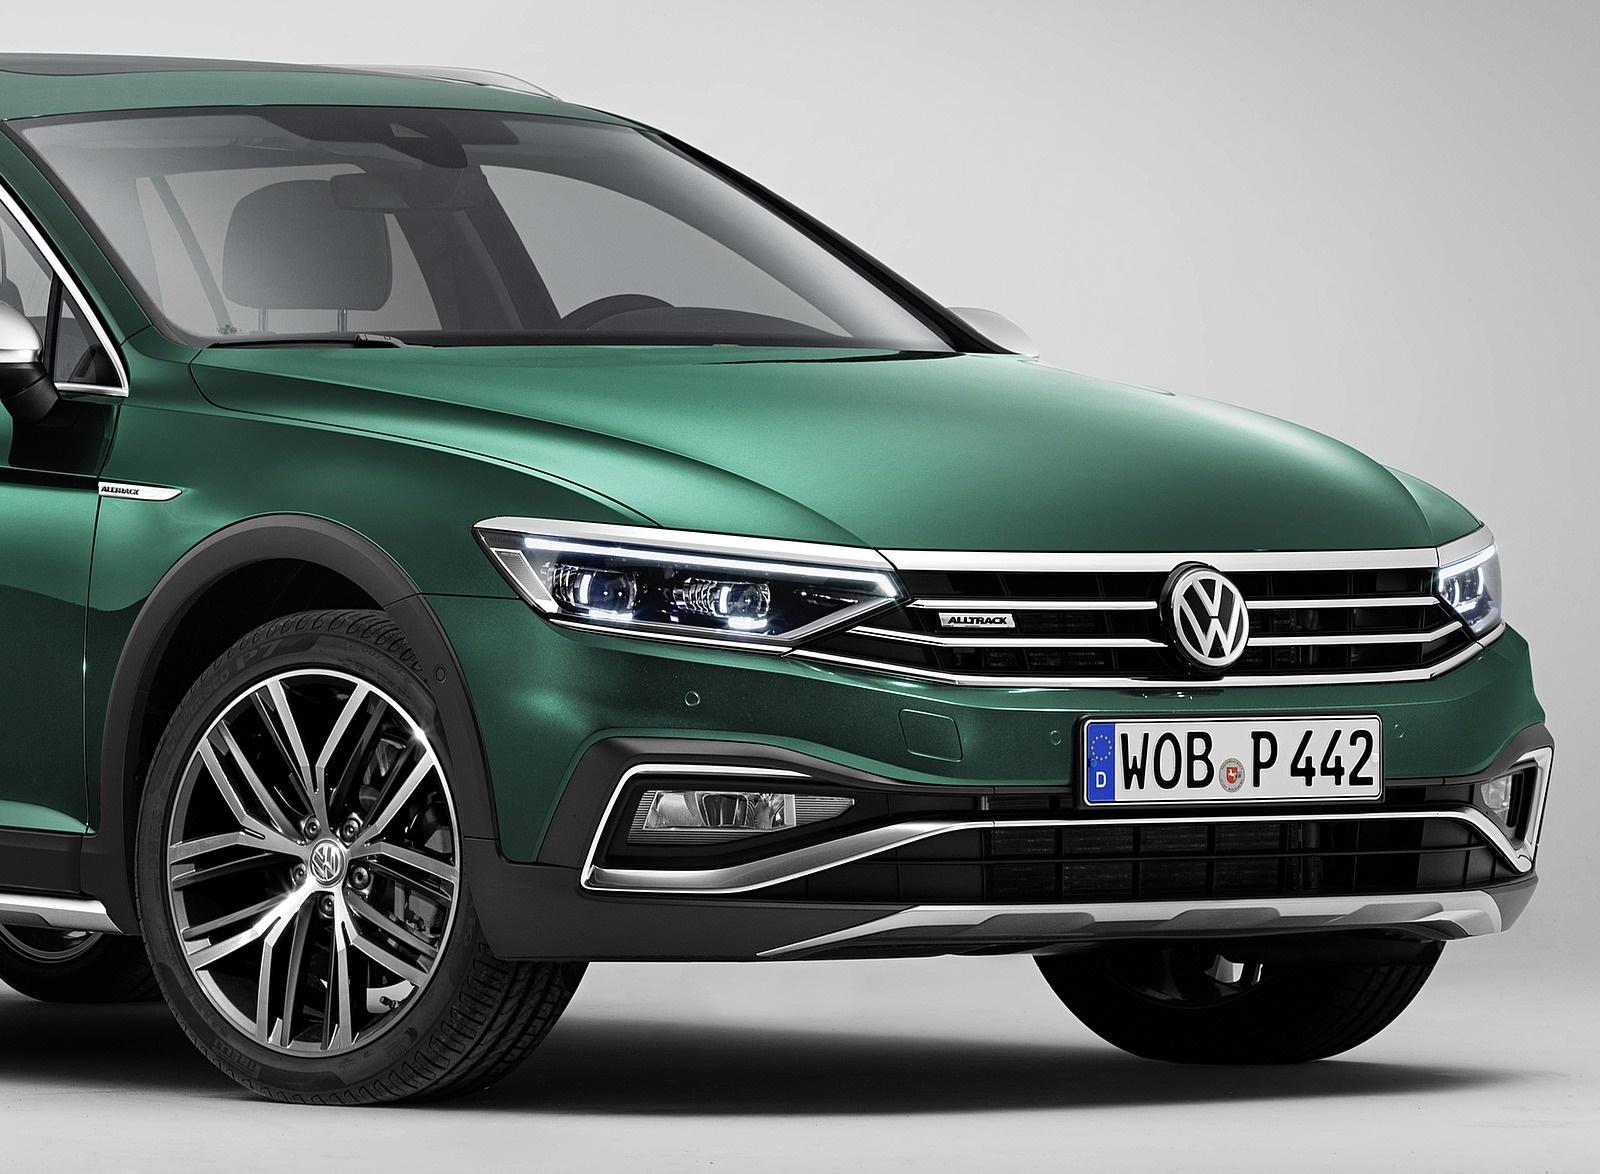 2020 Volkswagen Passat Alltrack (EU-Spec) Detail Wallpapers (10)